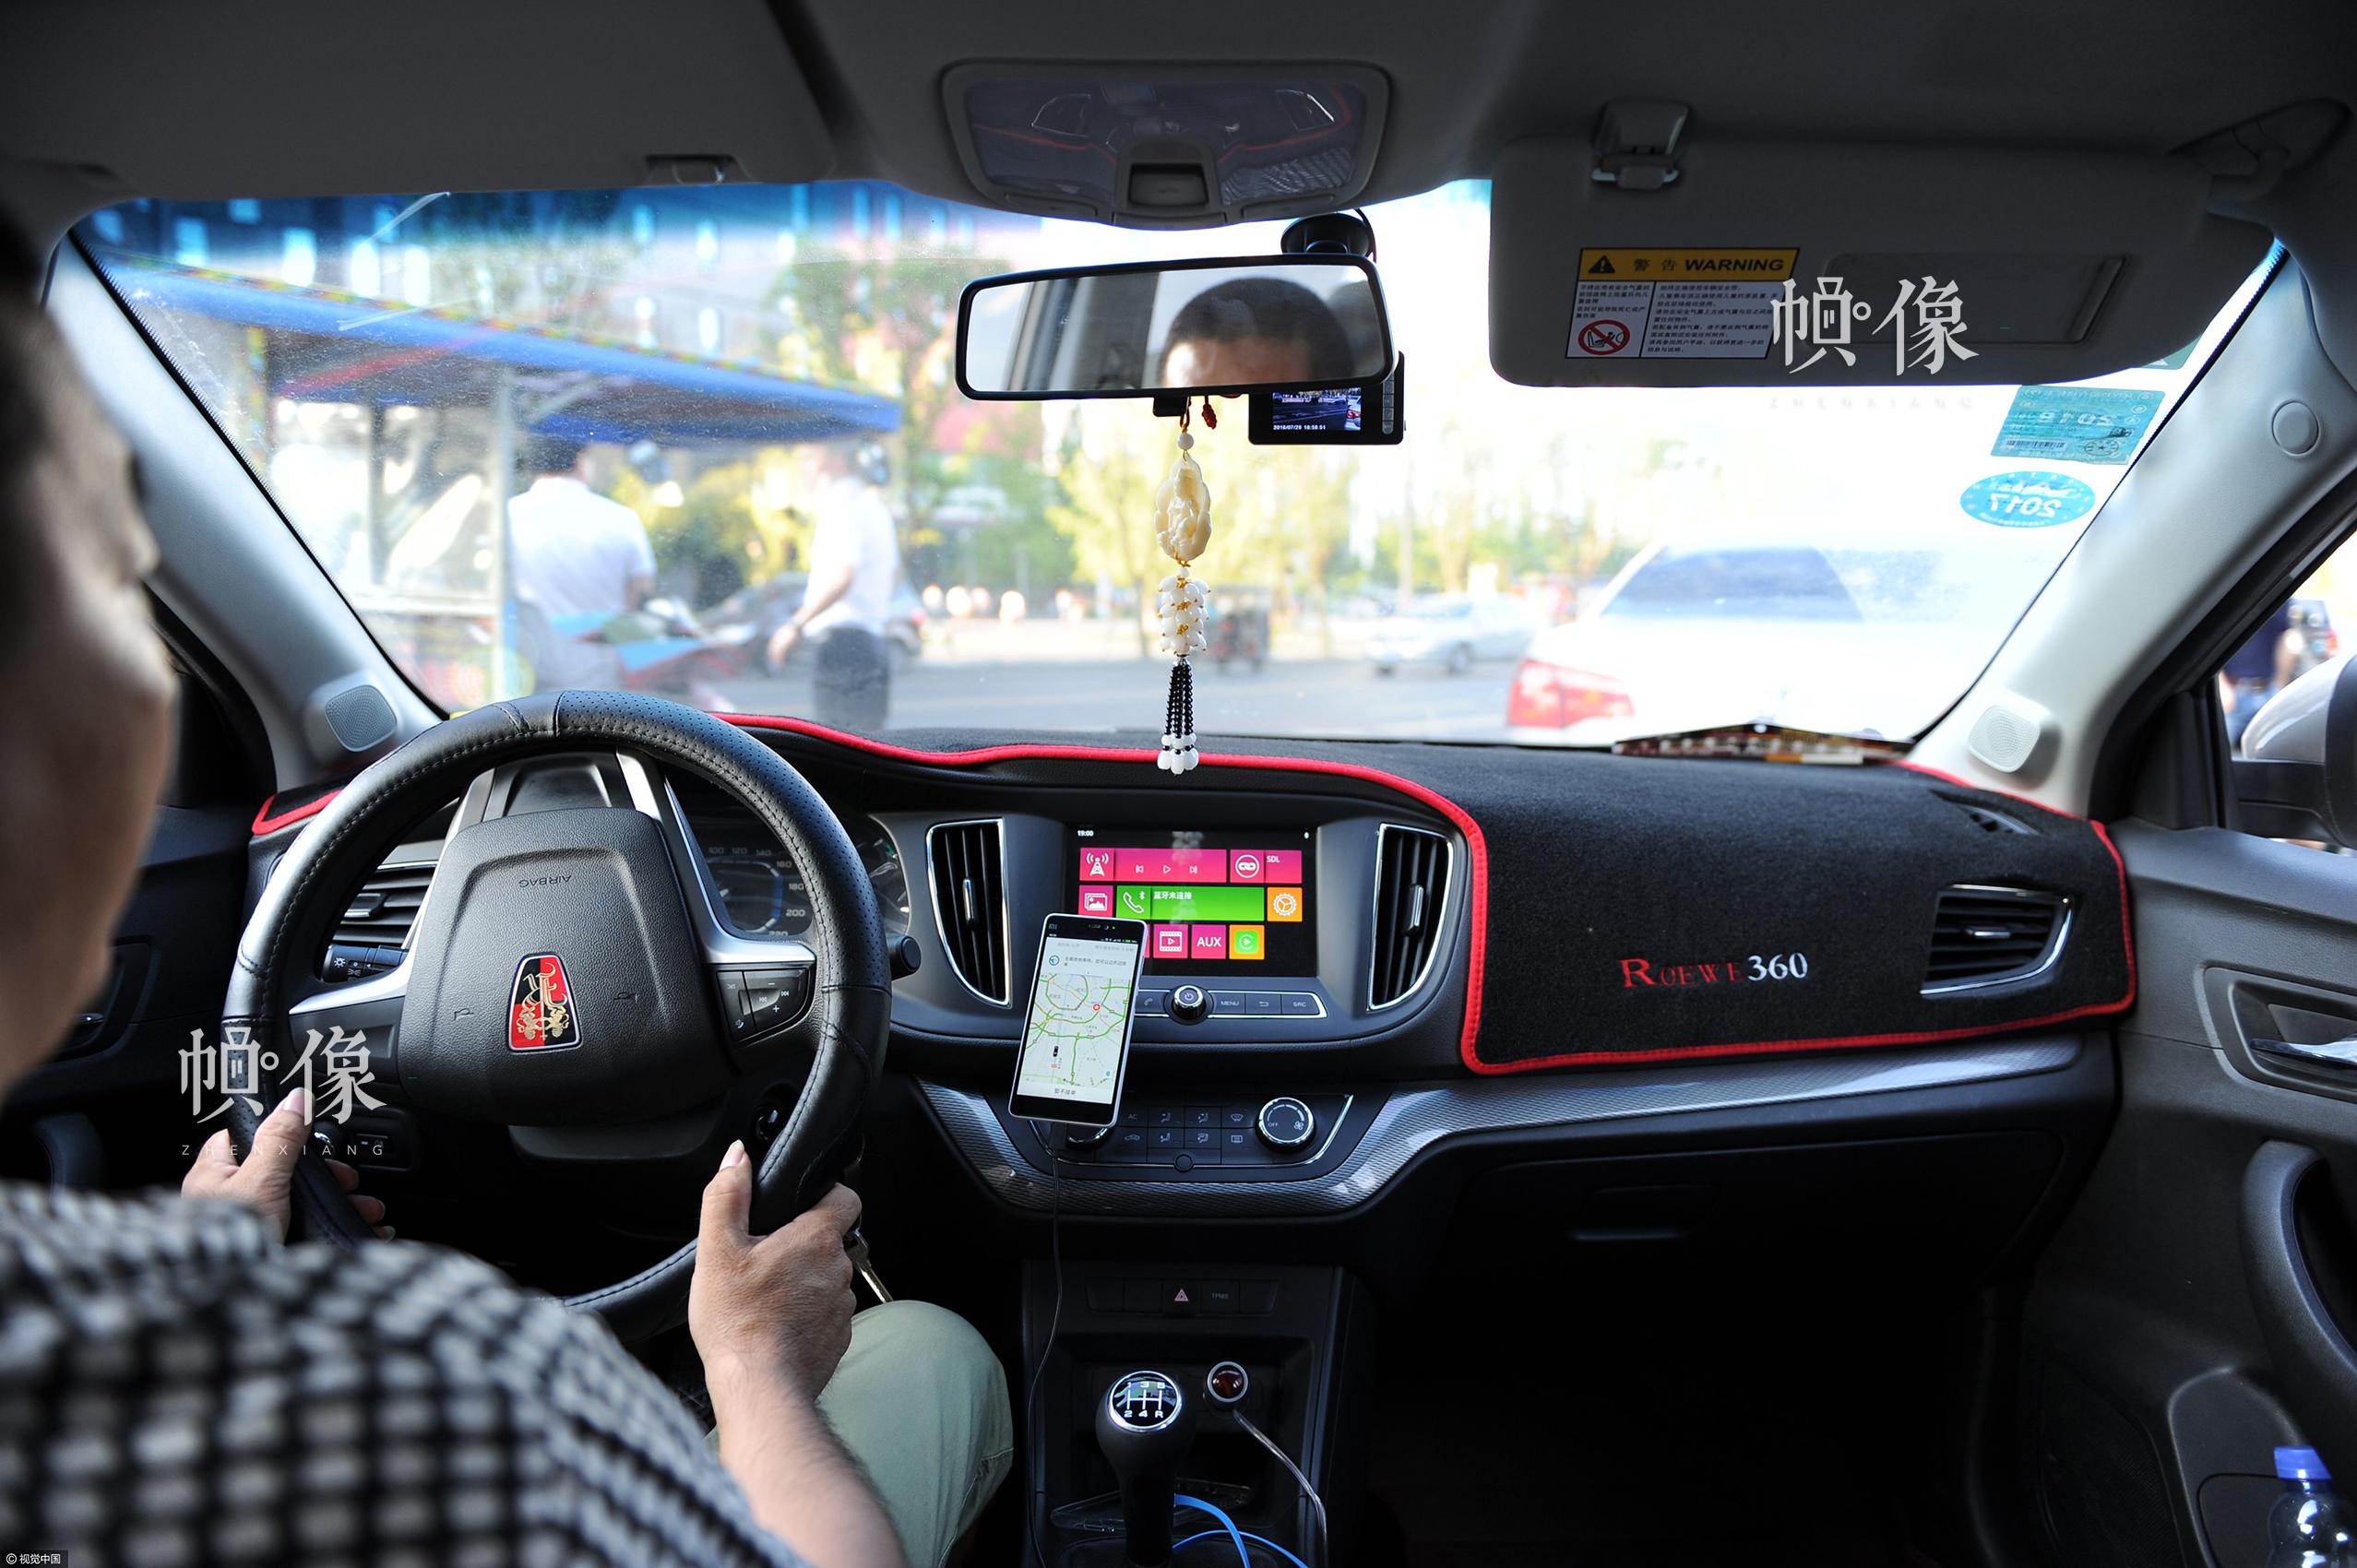 2016年7月28日,成都市,一辆网约车载着乘客在行驶。王正伟/视觉中国